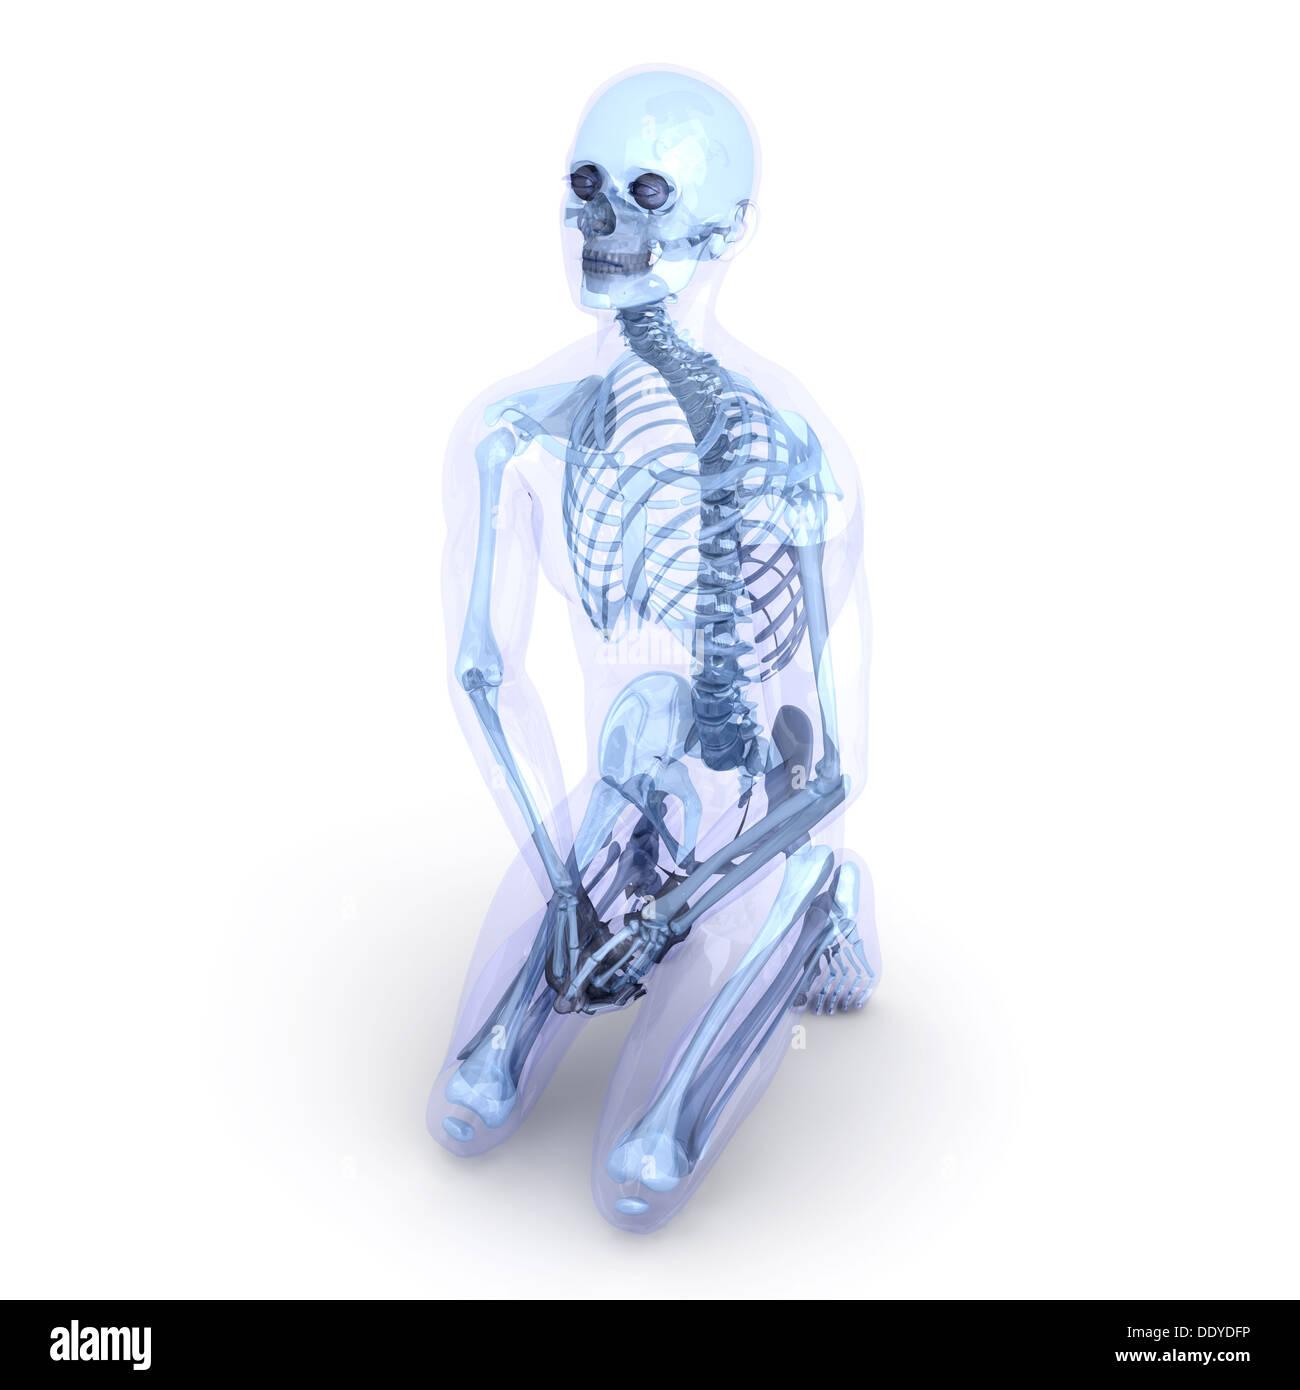 Wunderbar Sichtbare Körper 3d Menschliche Anatomie Galerie ...